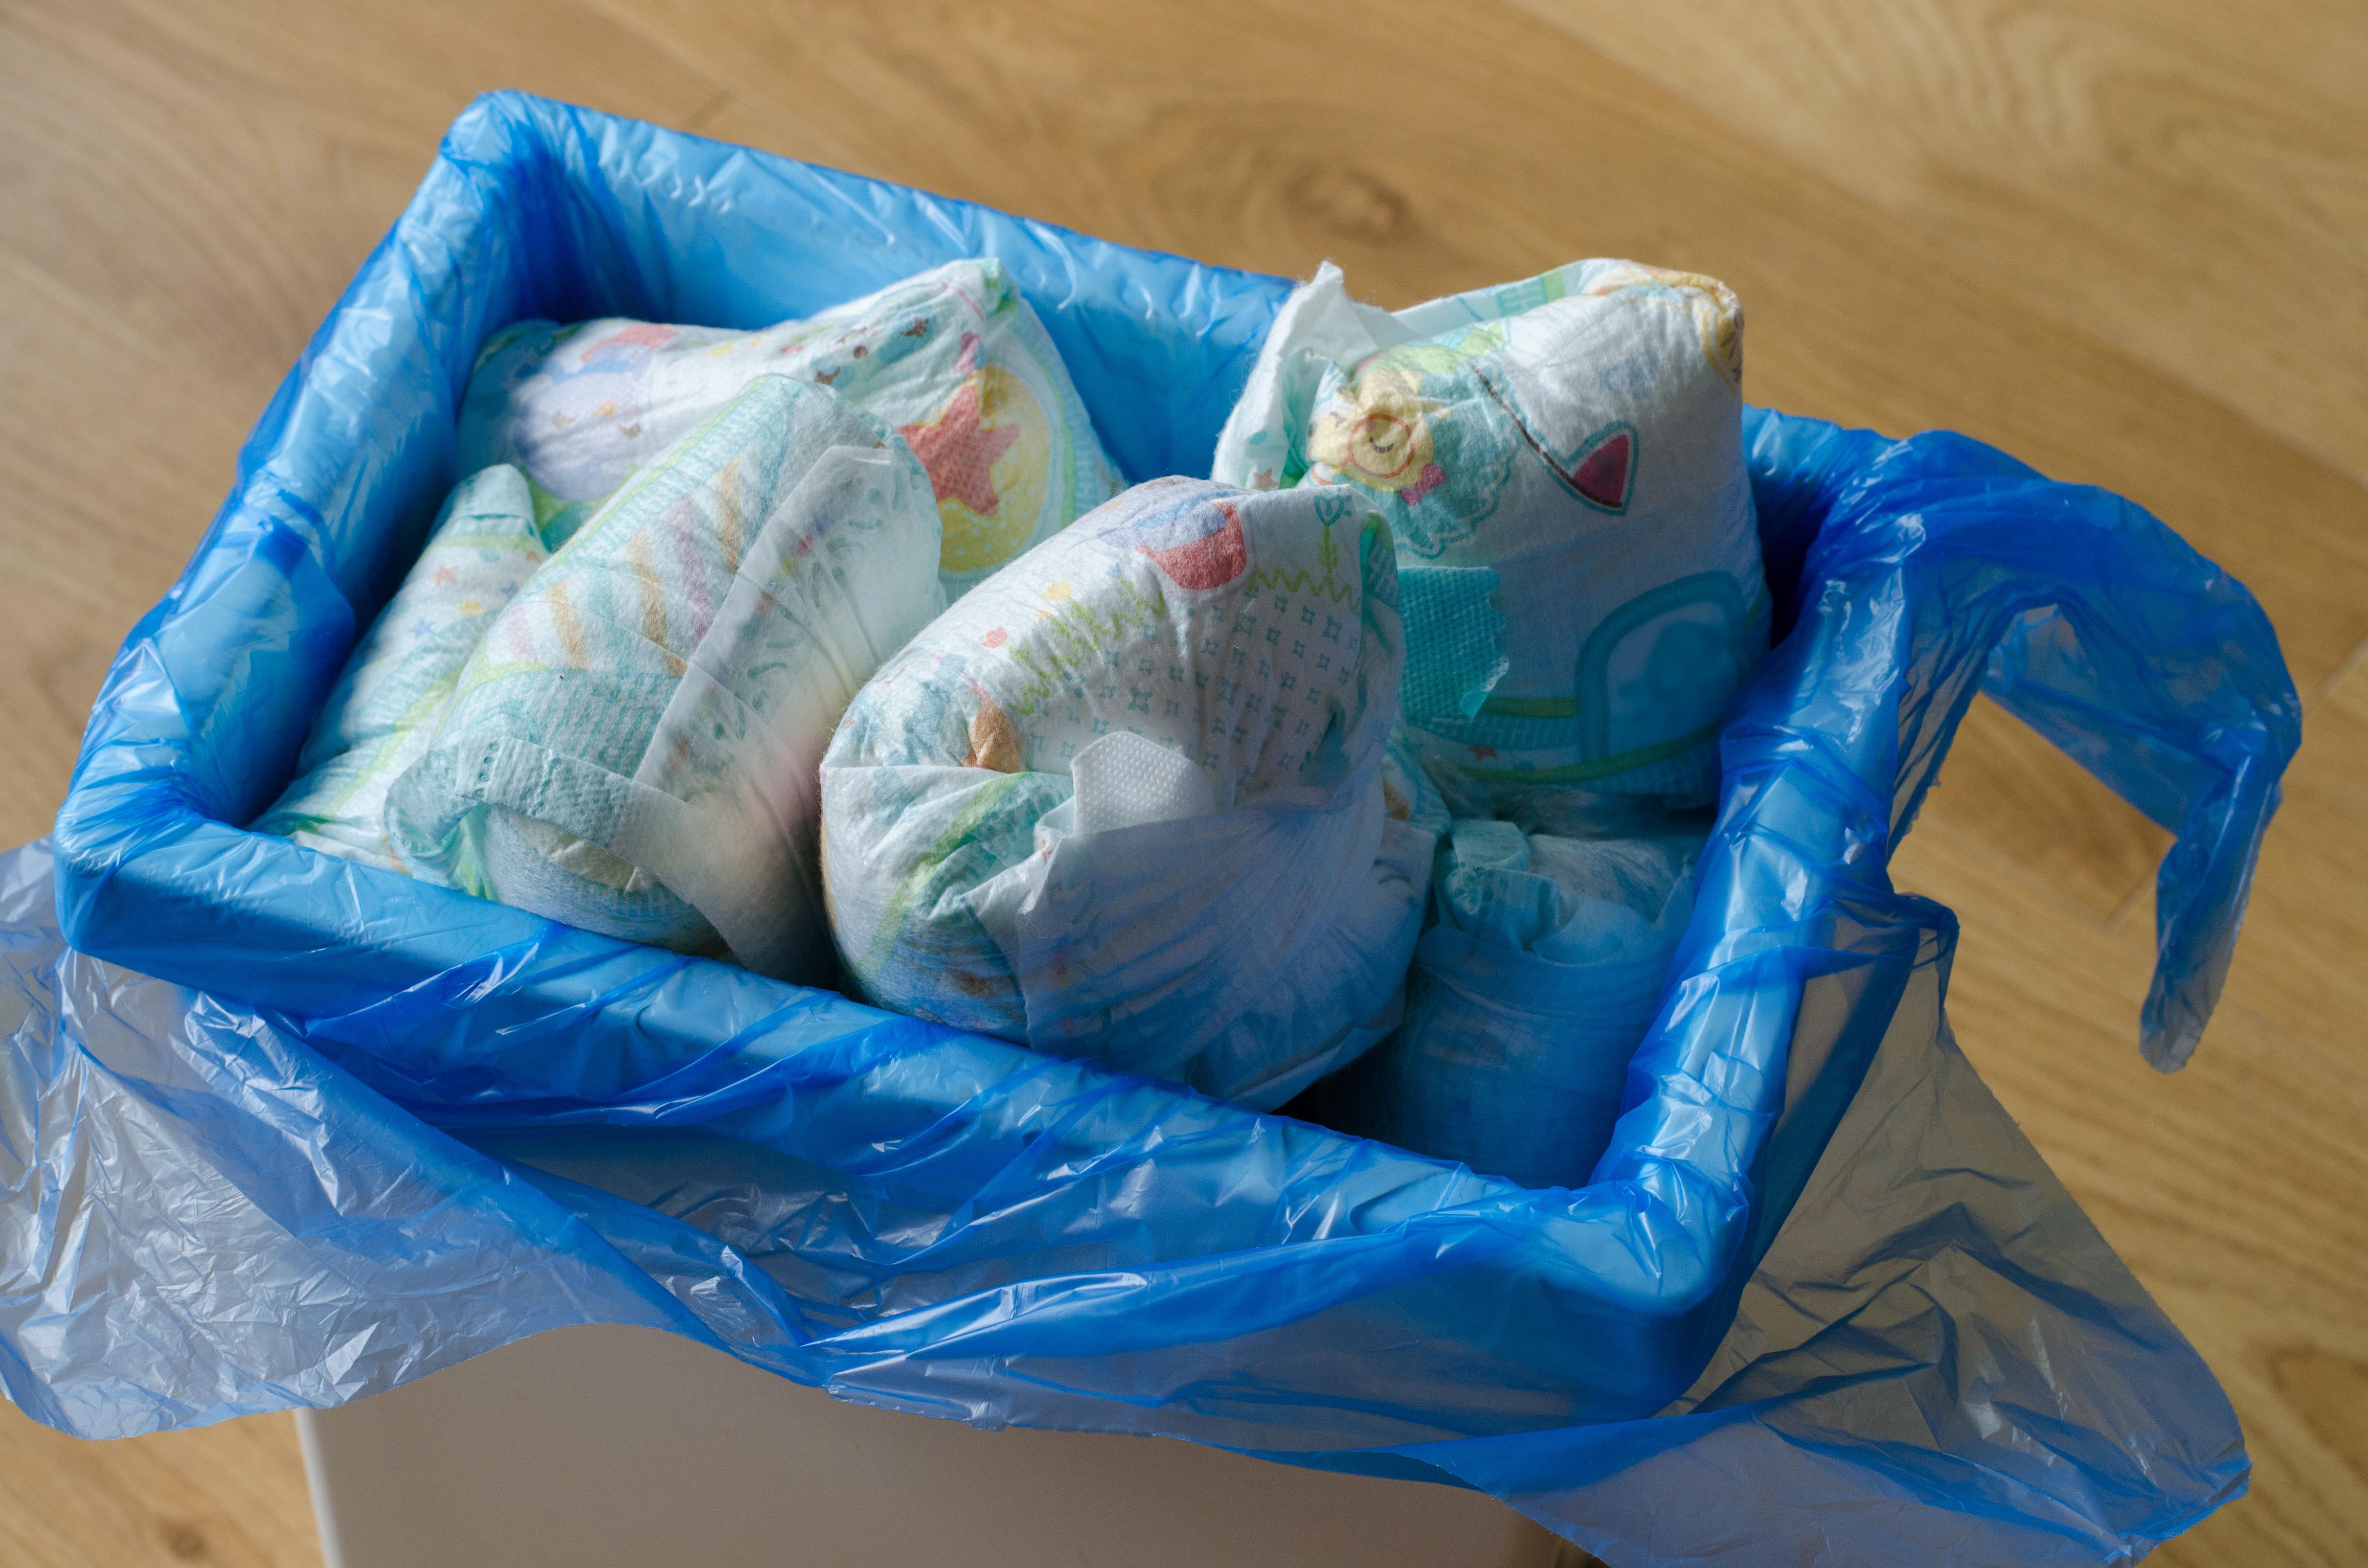 Reducing plastic waste in nurseries